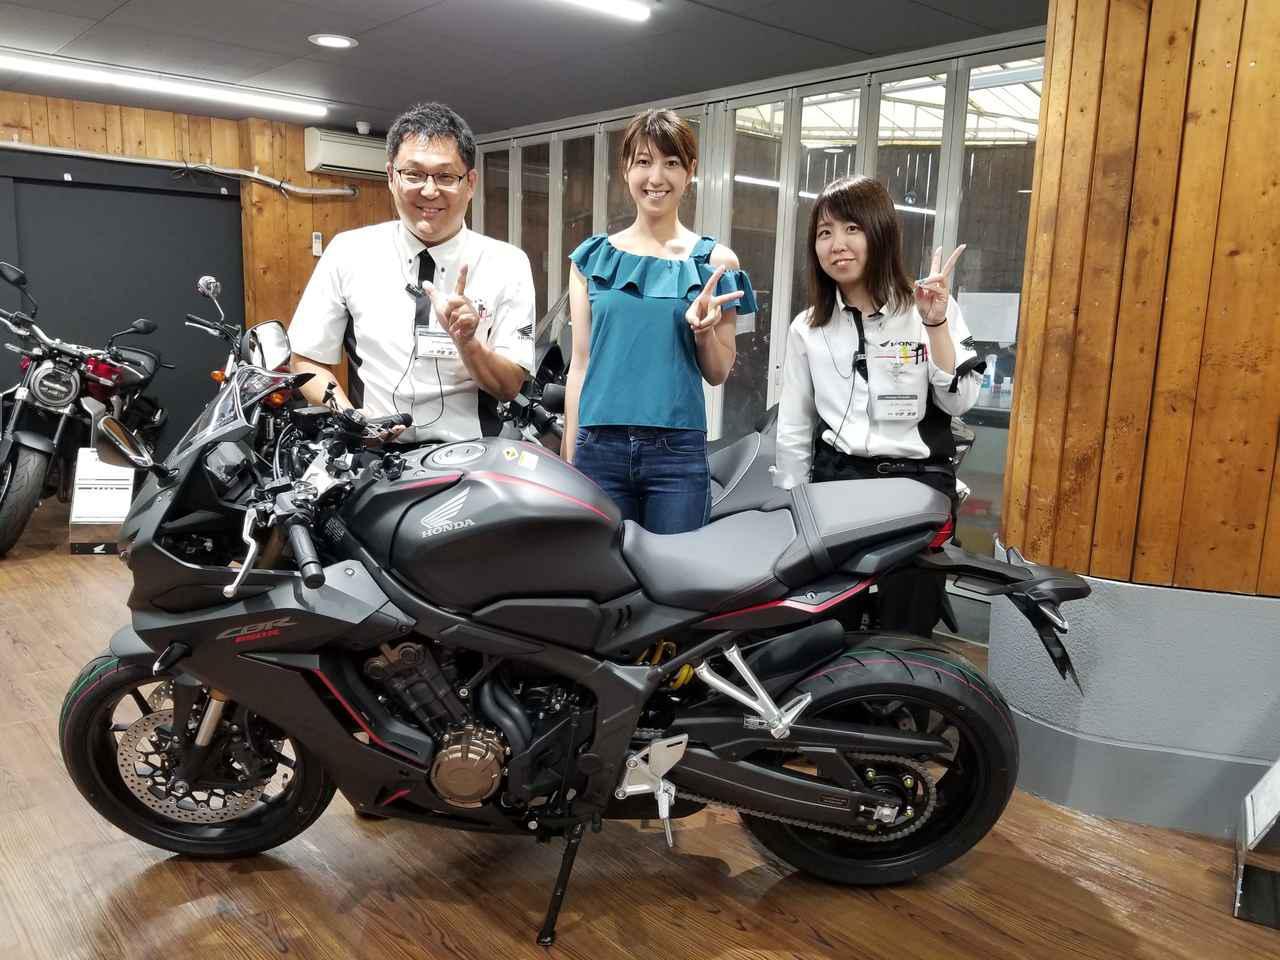 画像1: 念願の愛車を購入しました((o(。>ω<。)o))♡ ホンダCBR650Rです! - webオートバイ